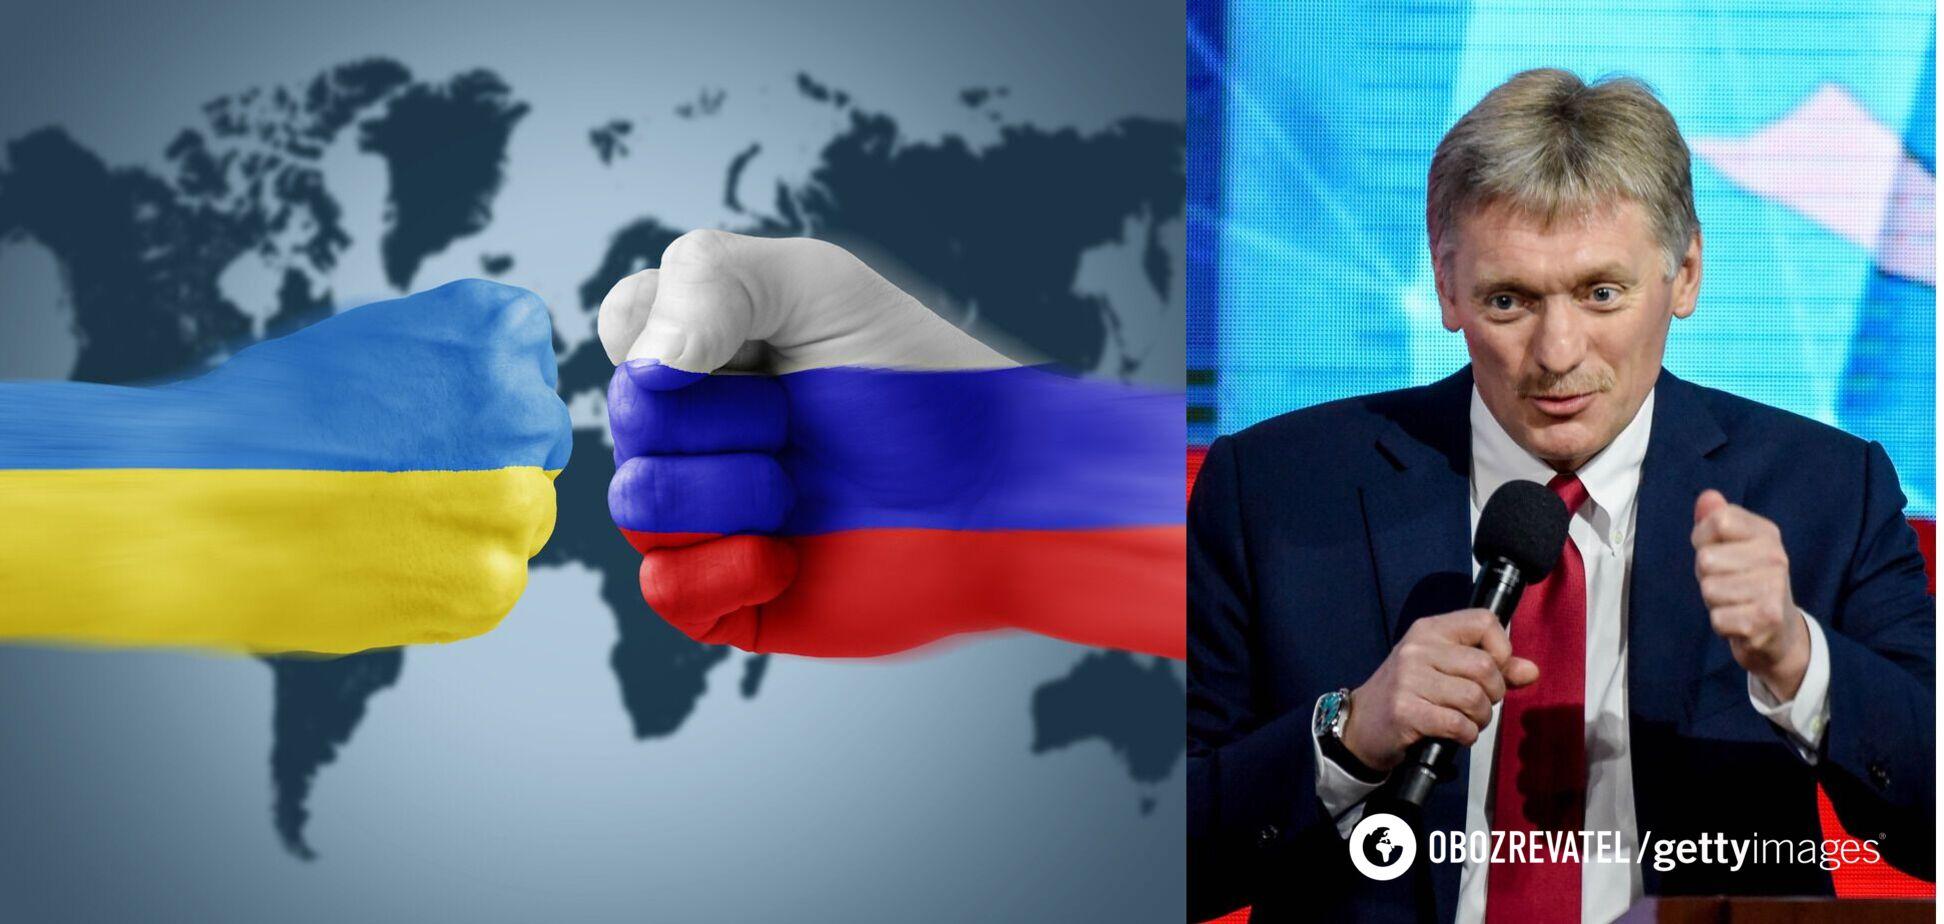 У Путіна назвали Україну 'недружньою країною і проєктом Заходу'